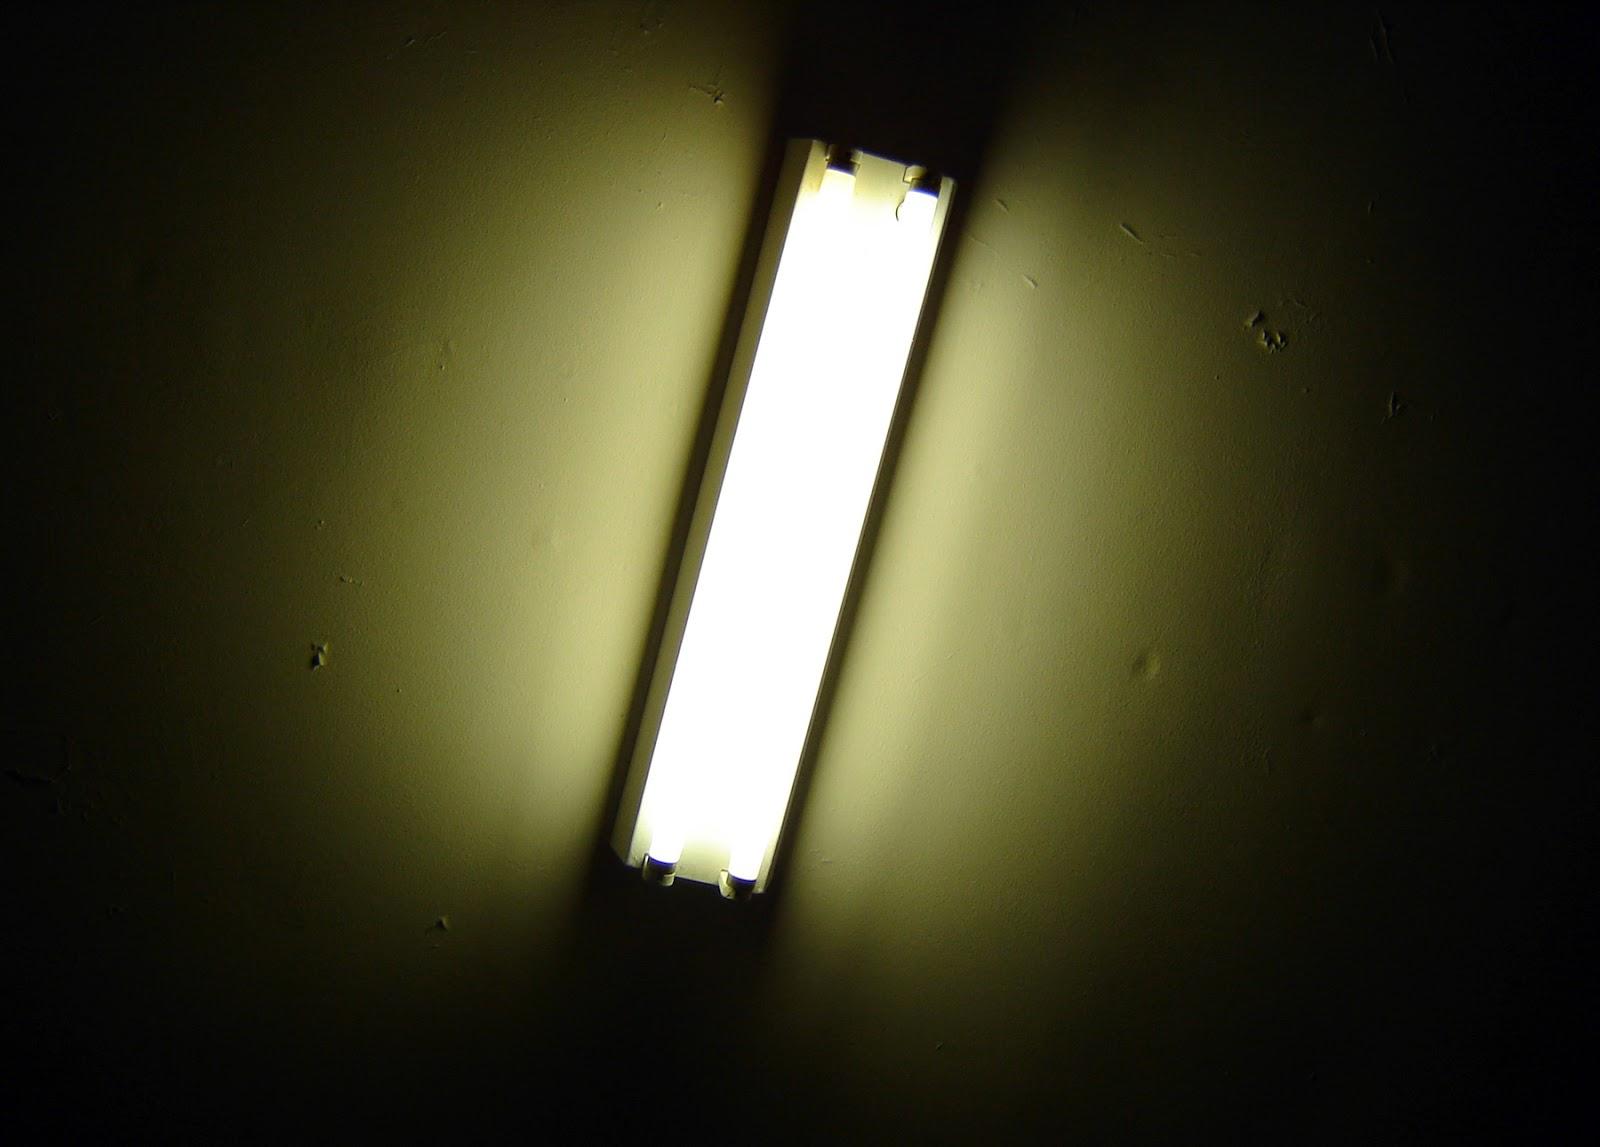 Instalaciones eléctricas residenciales - lámpara fluorescente